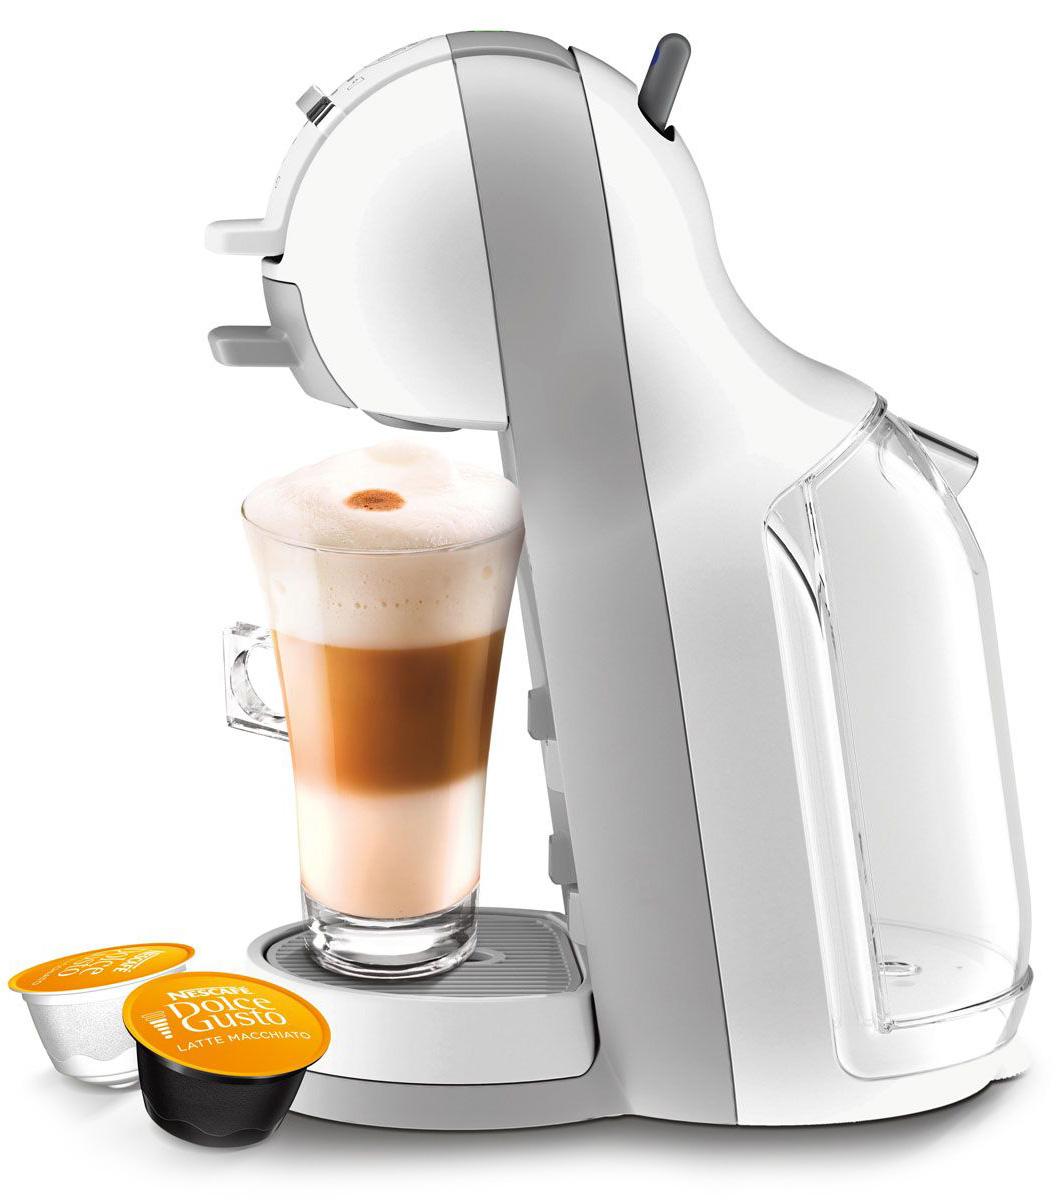 кофеварка бош тассимо 2001 инструкция